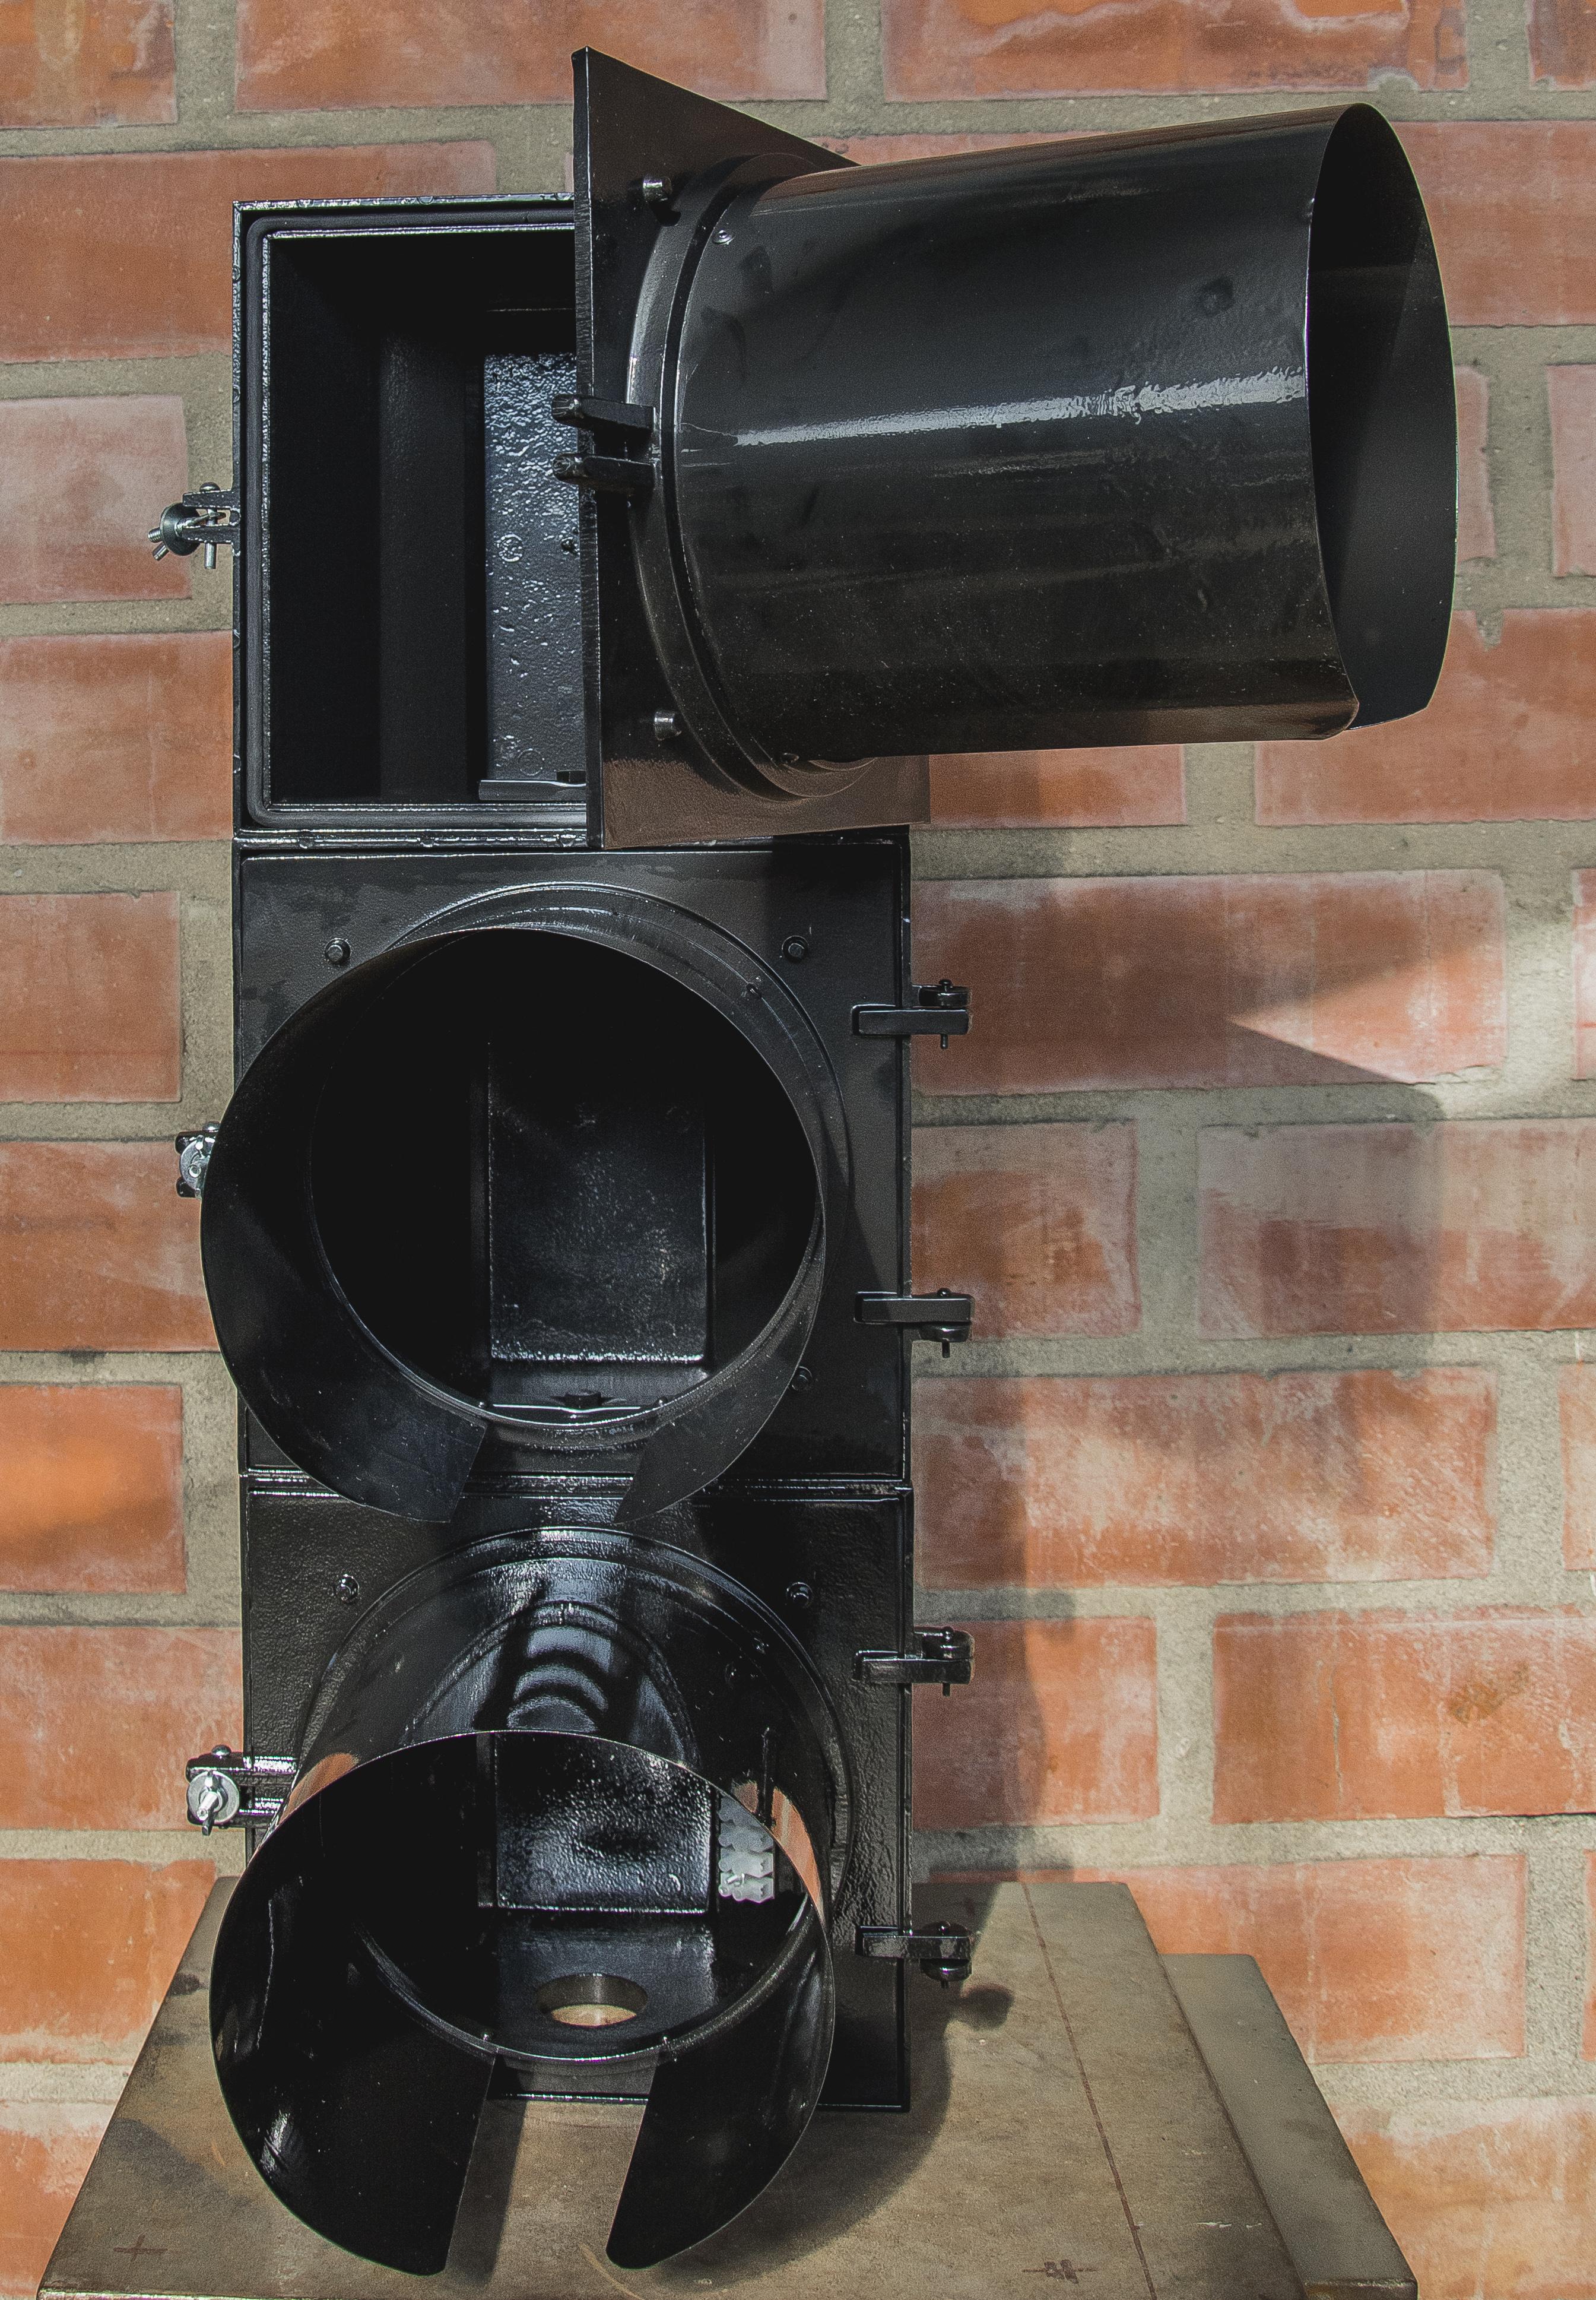 Lampara L1 Image